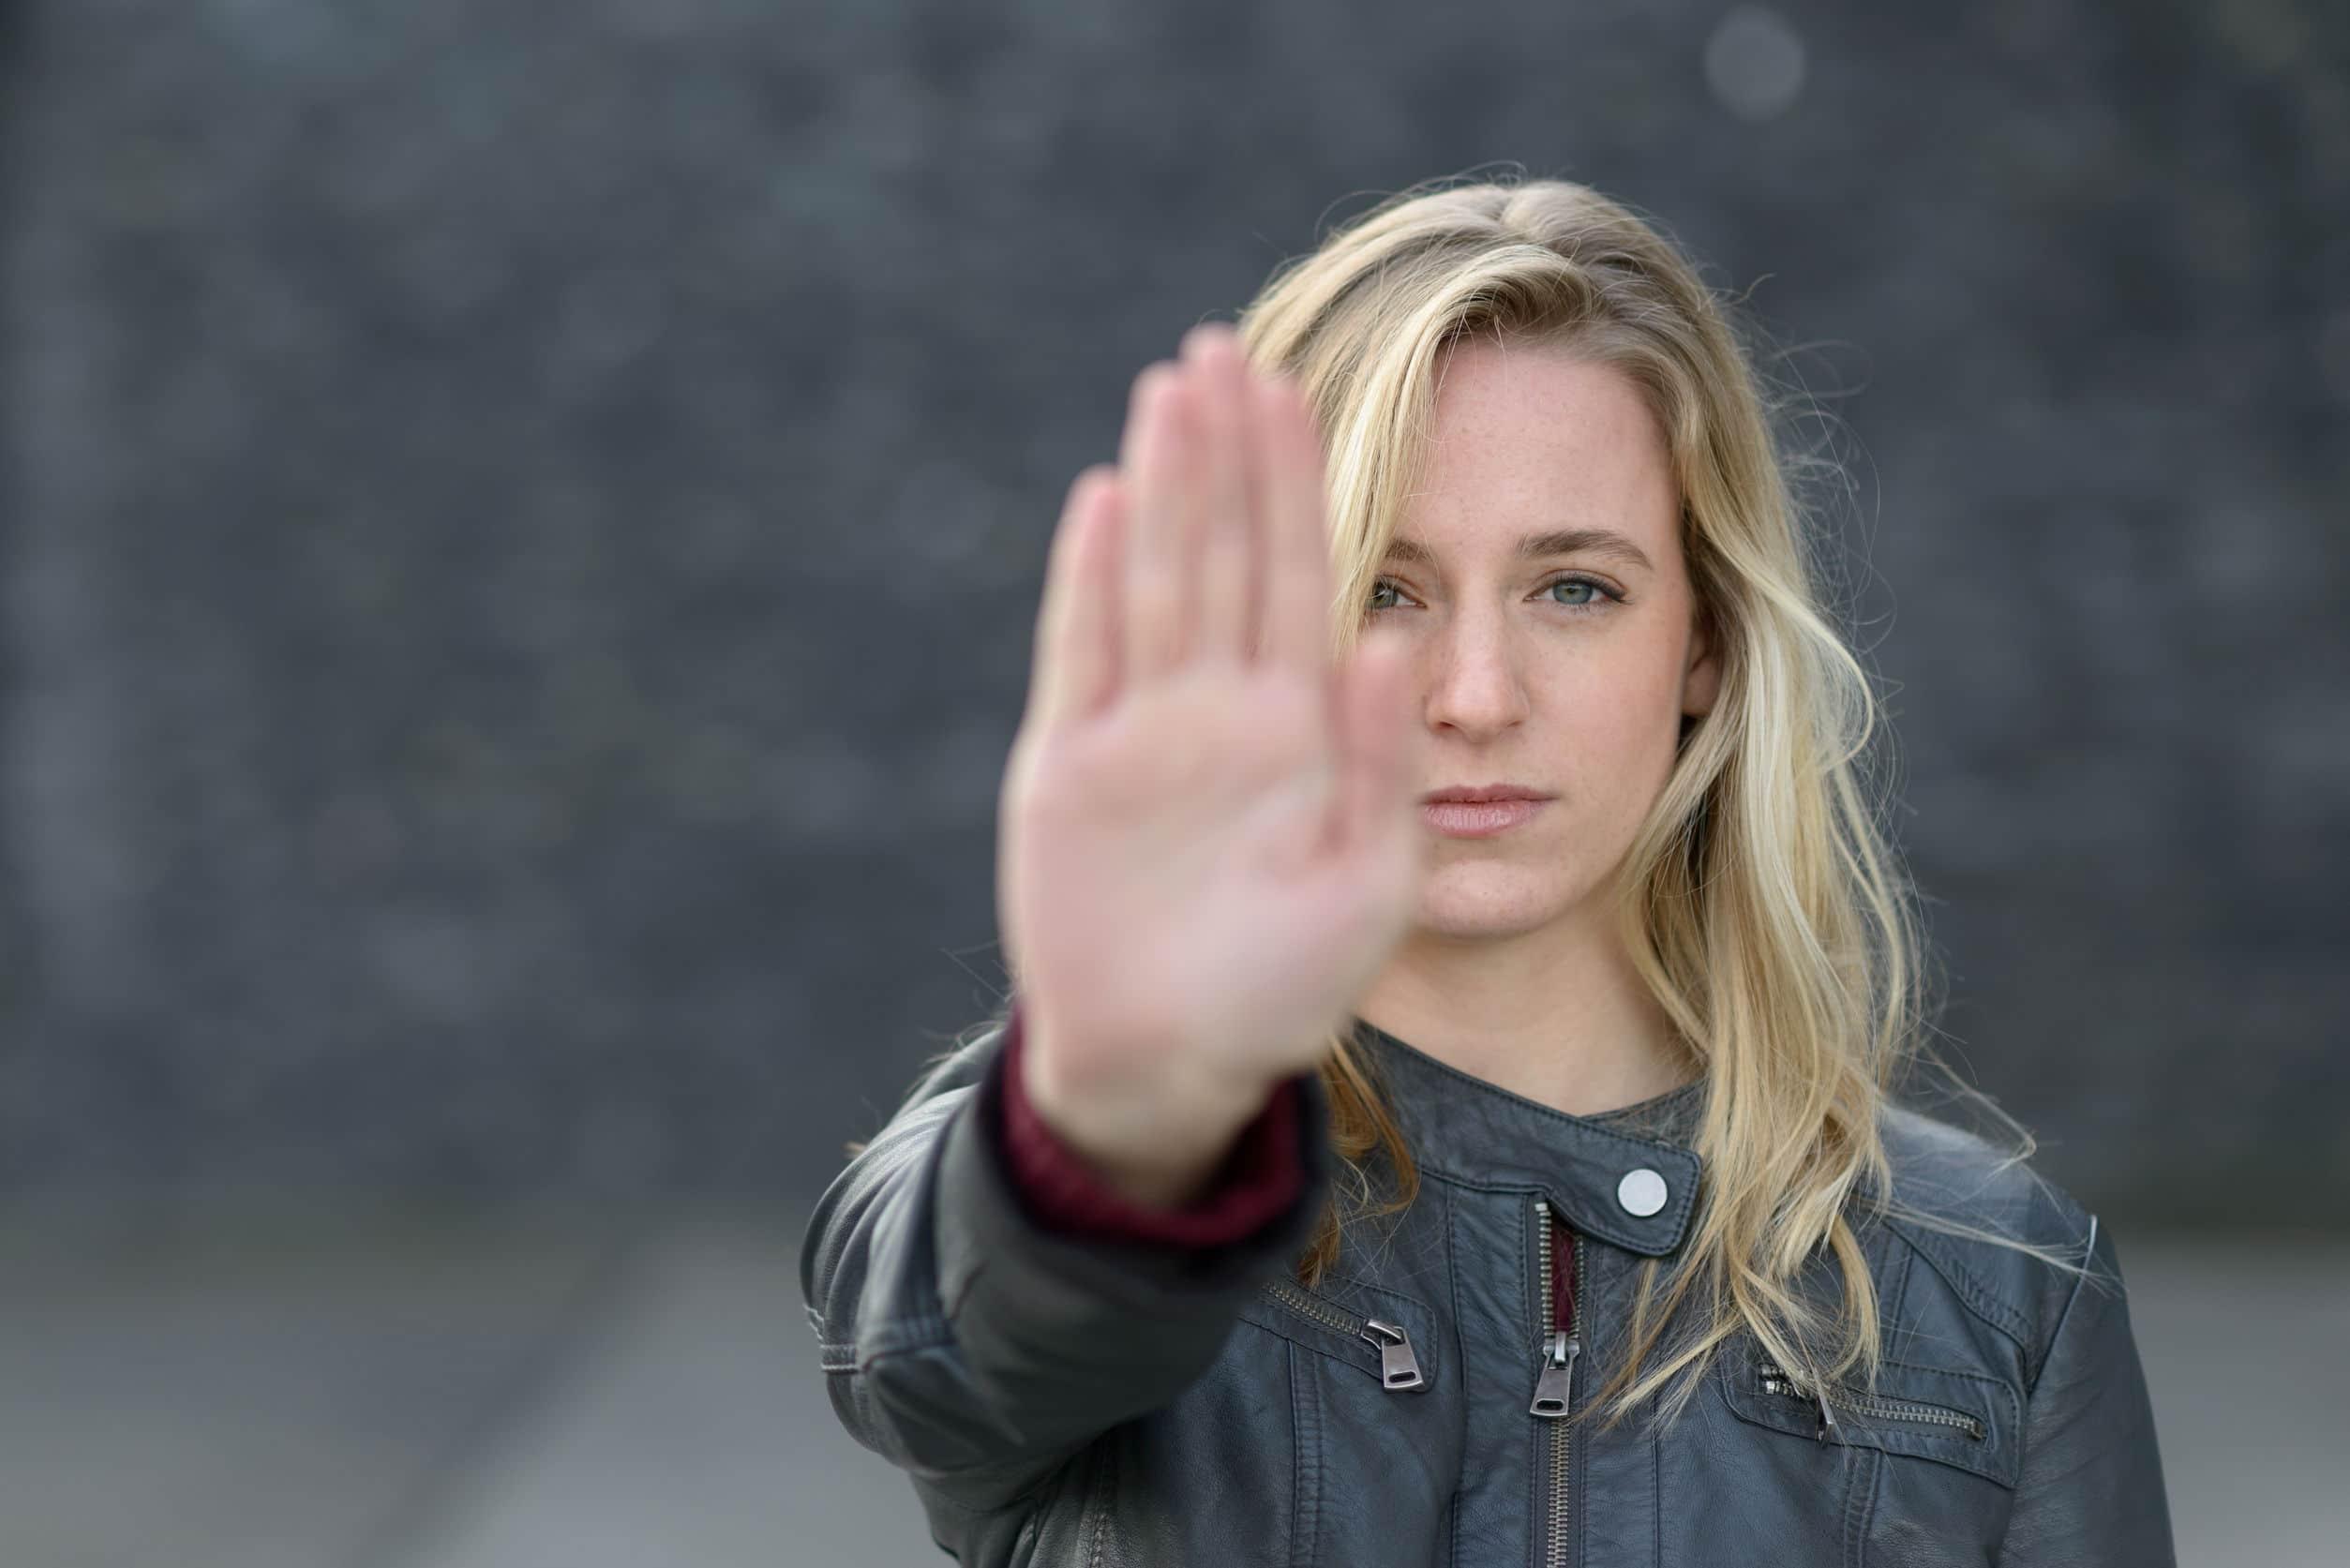 Mulher fazendo sinal de 'pare' com as mãos.